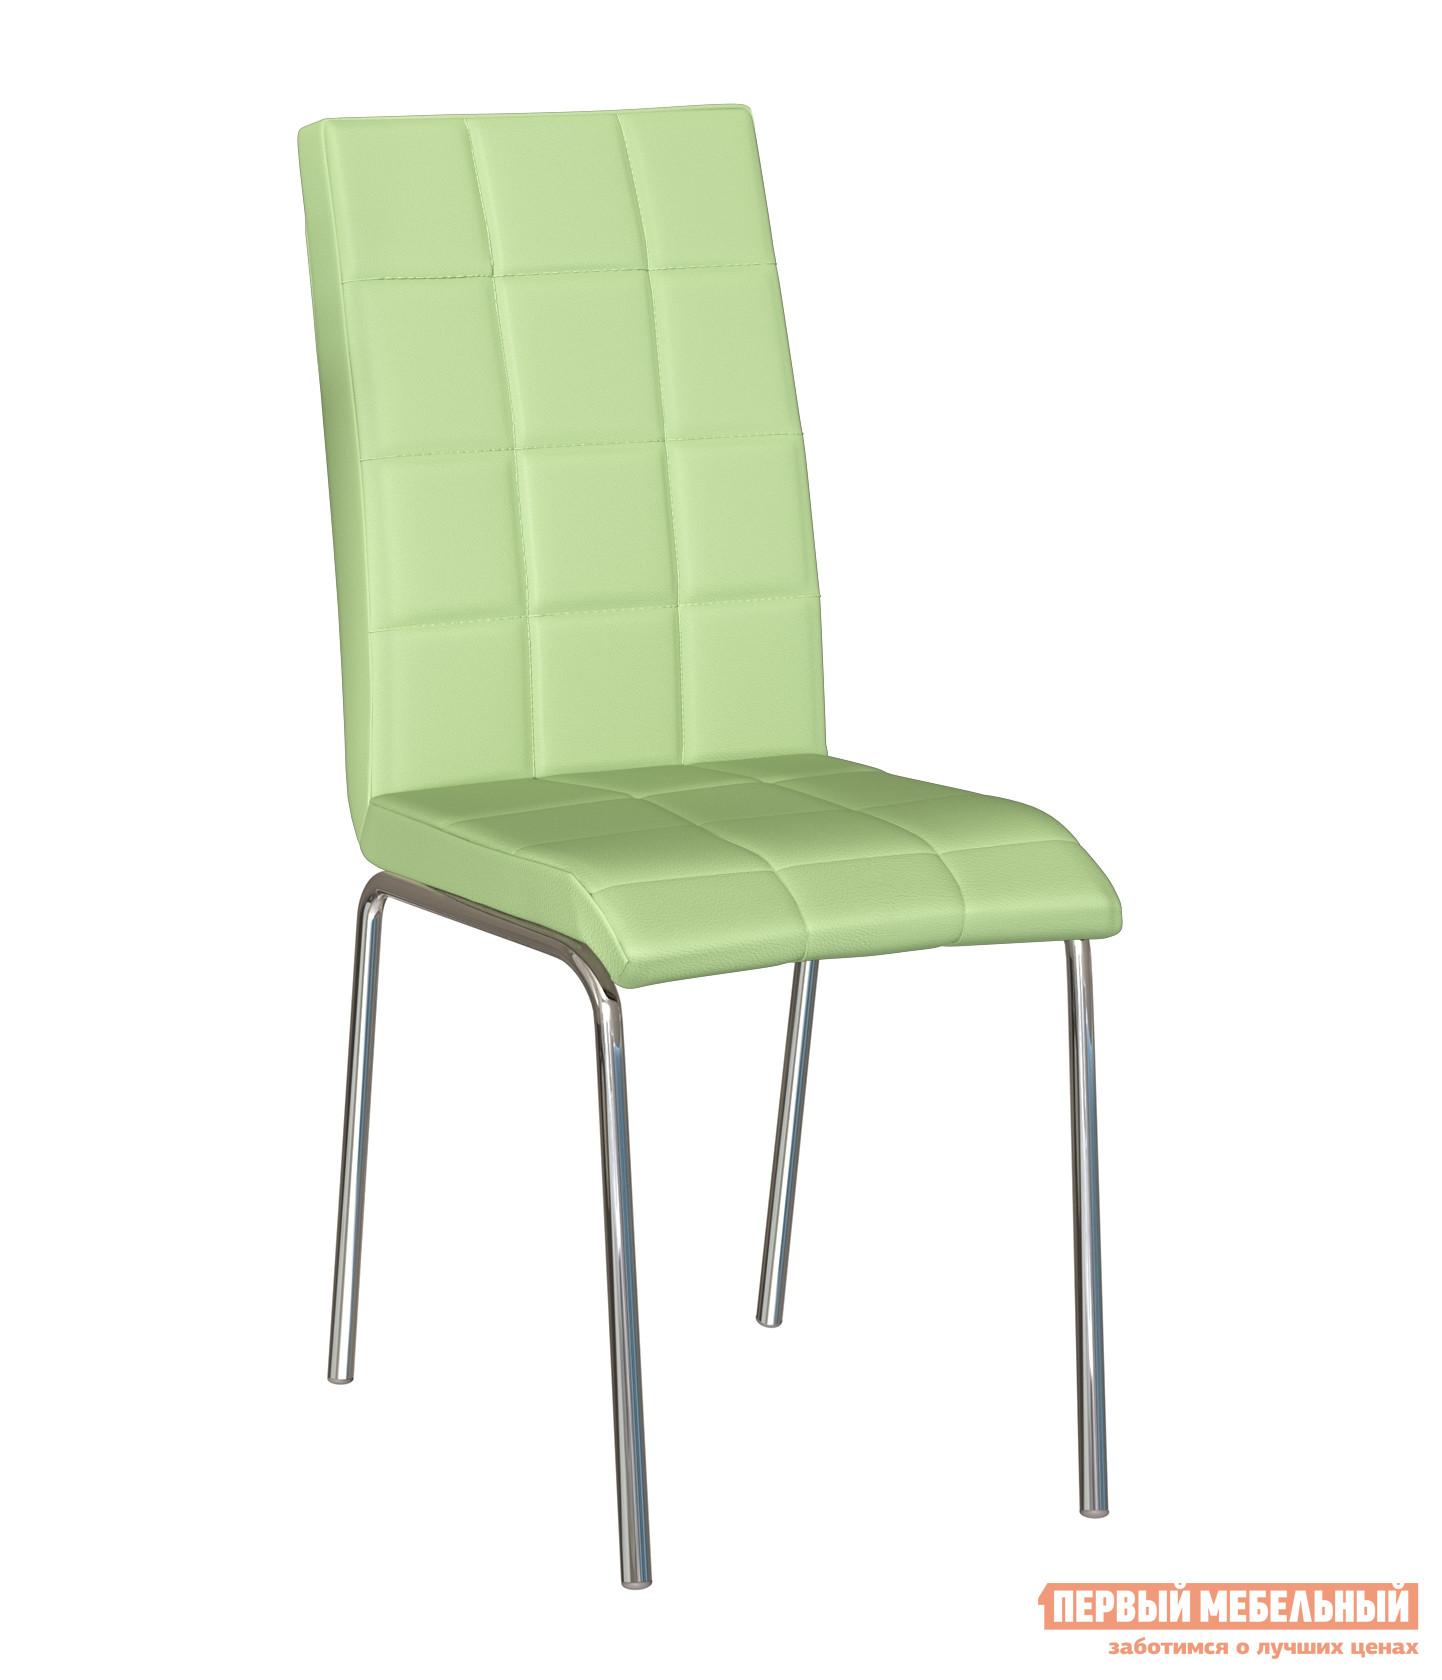 Стул Первый Мебельный Стул Сандерс детский стул первый мебельный стул детский регулируемый